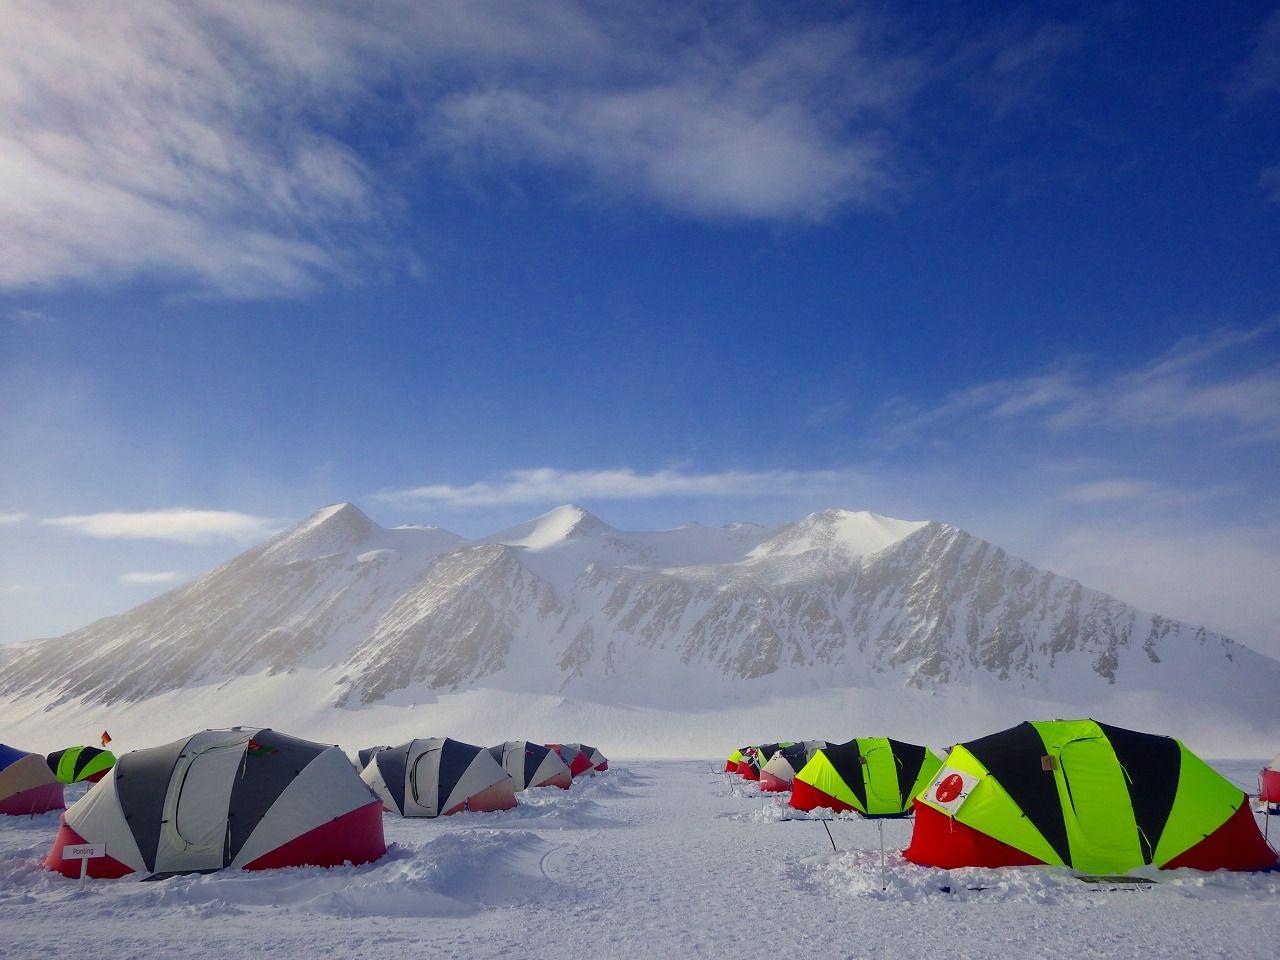 無限の冒険の可能性を秘めた、南極